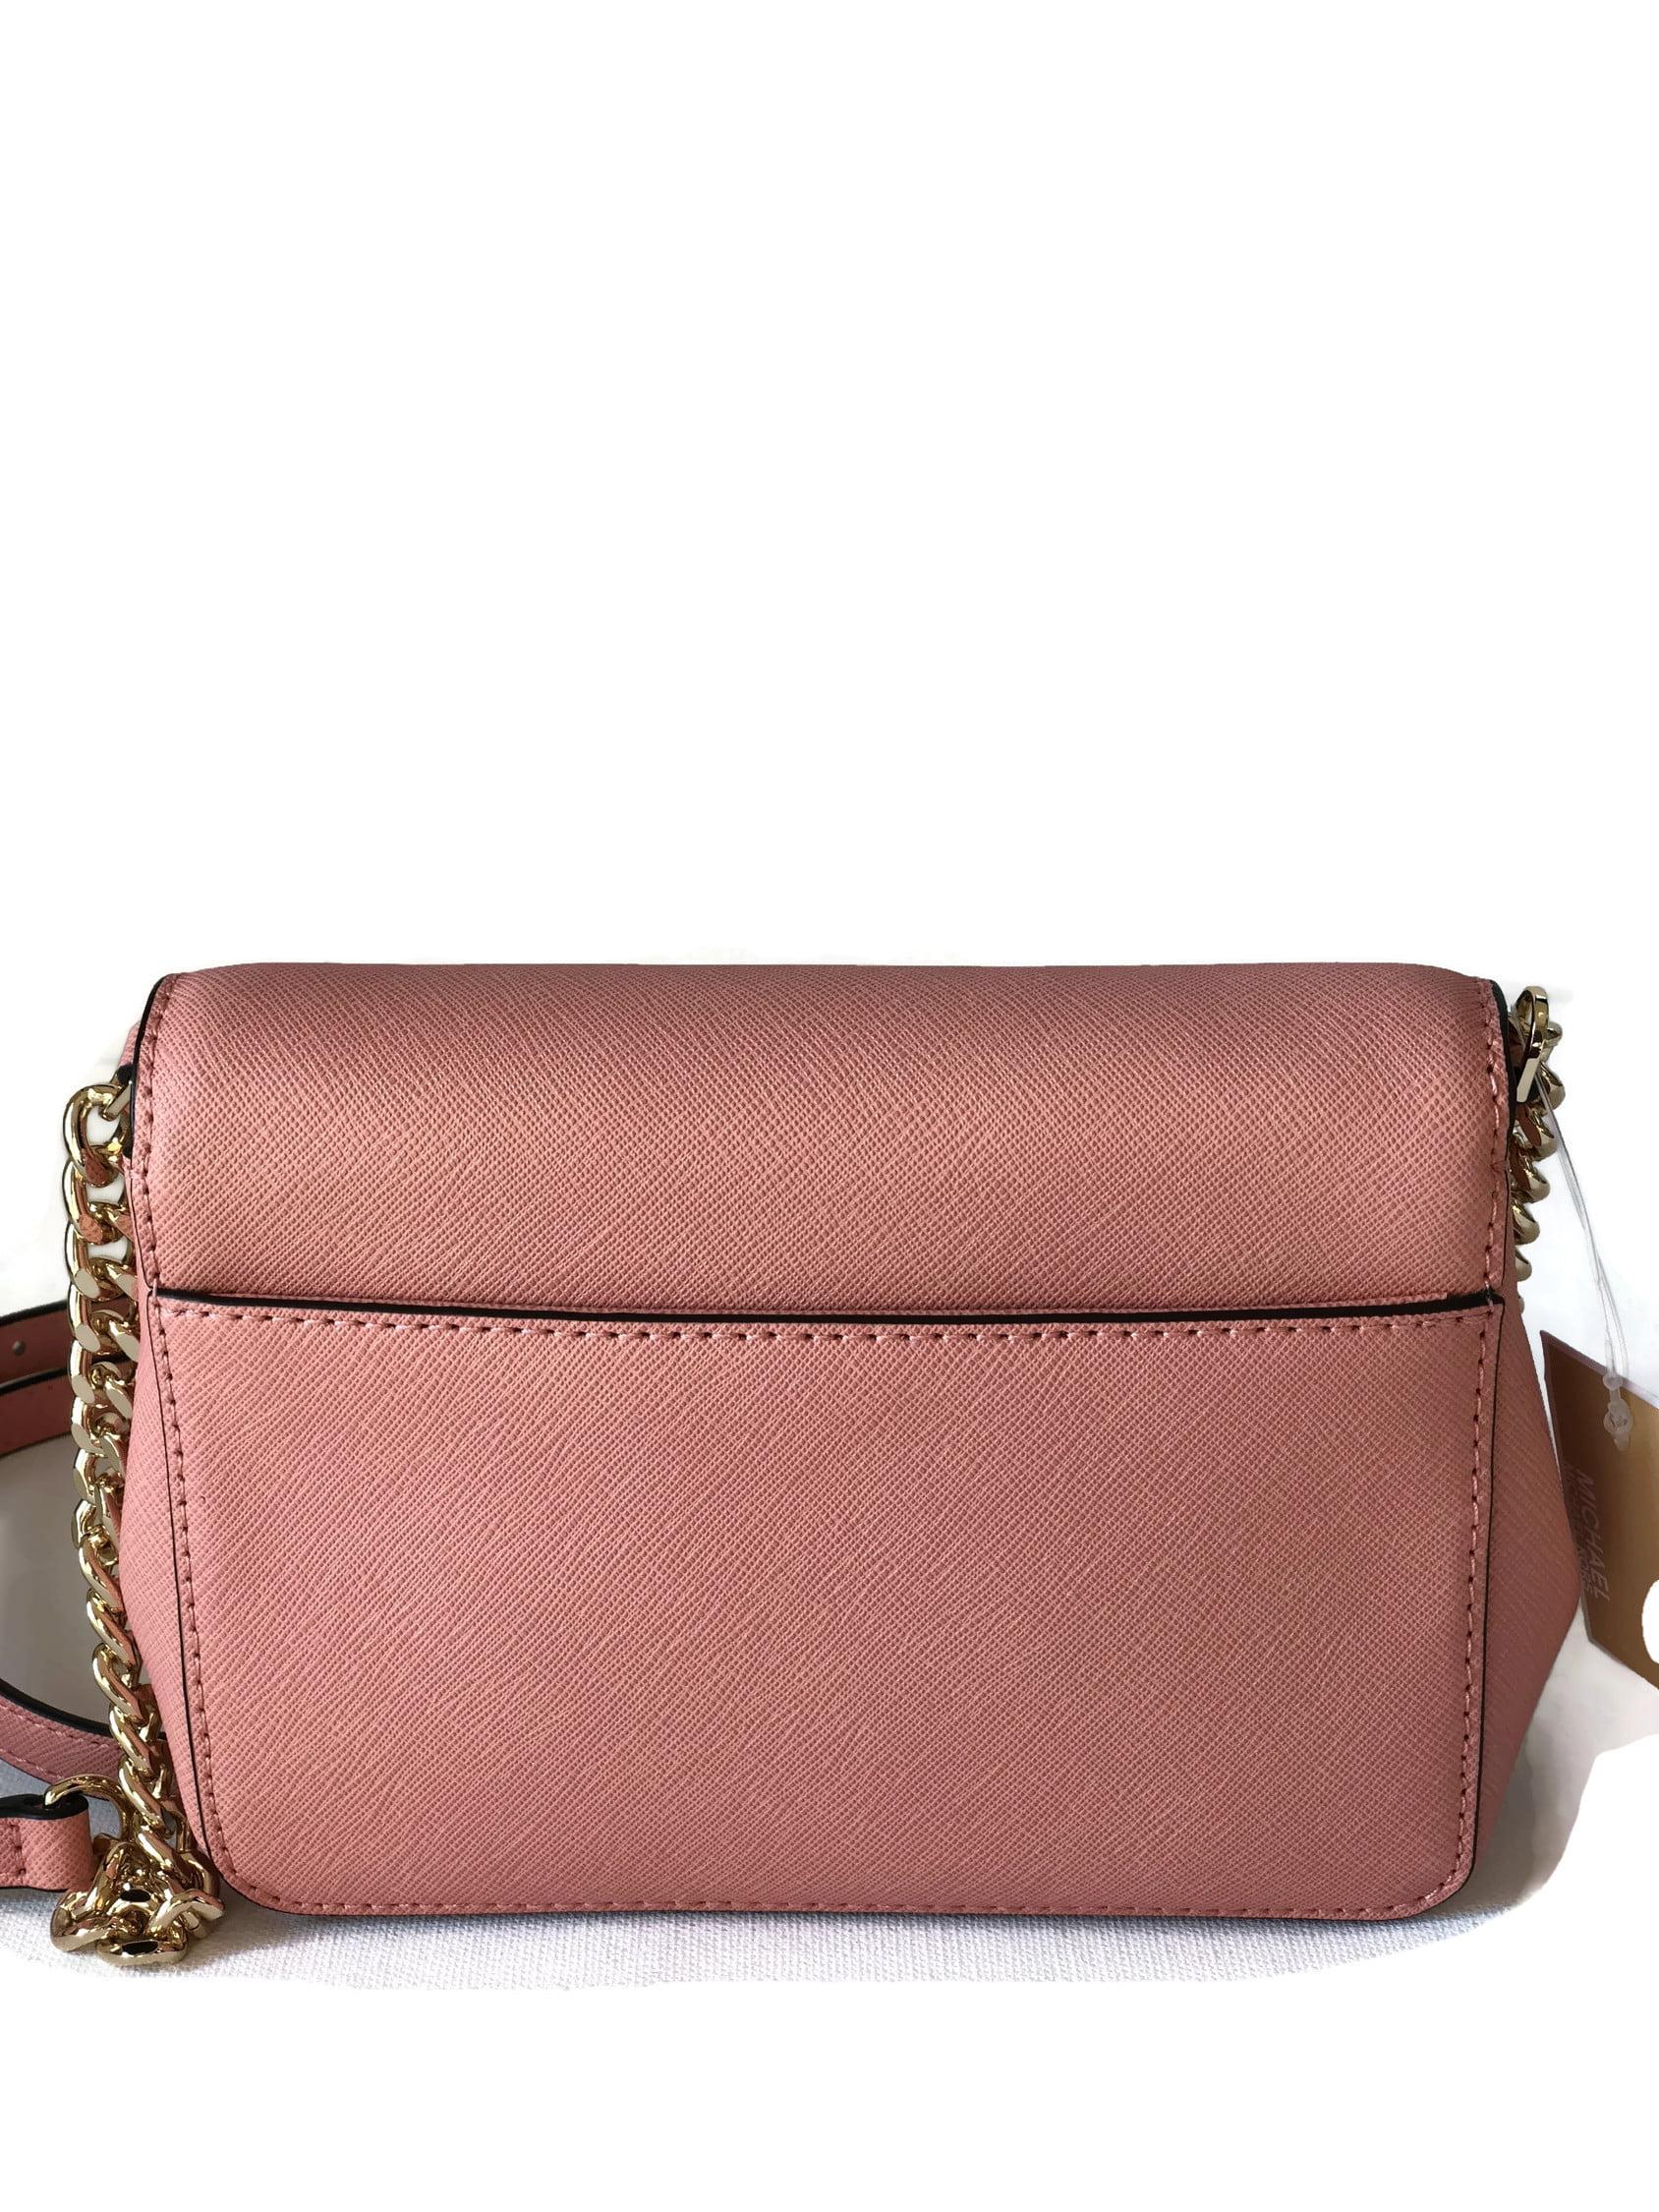 68e306271 Michael Kors Tina Small Saffiano Leather Clutch Crossbody Bag - Peach -  Walmart.com